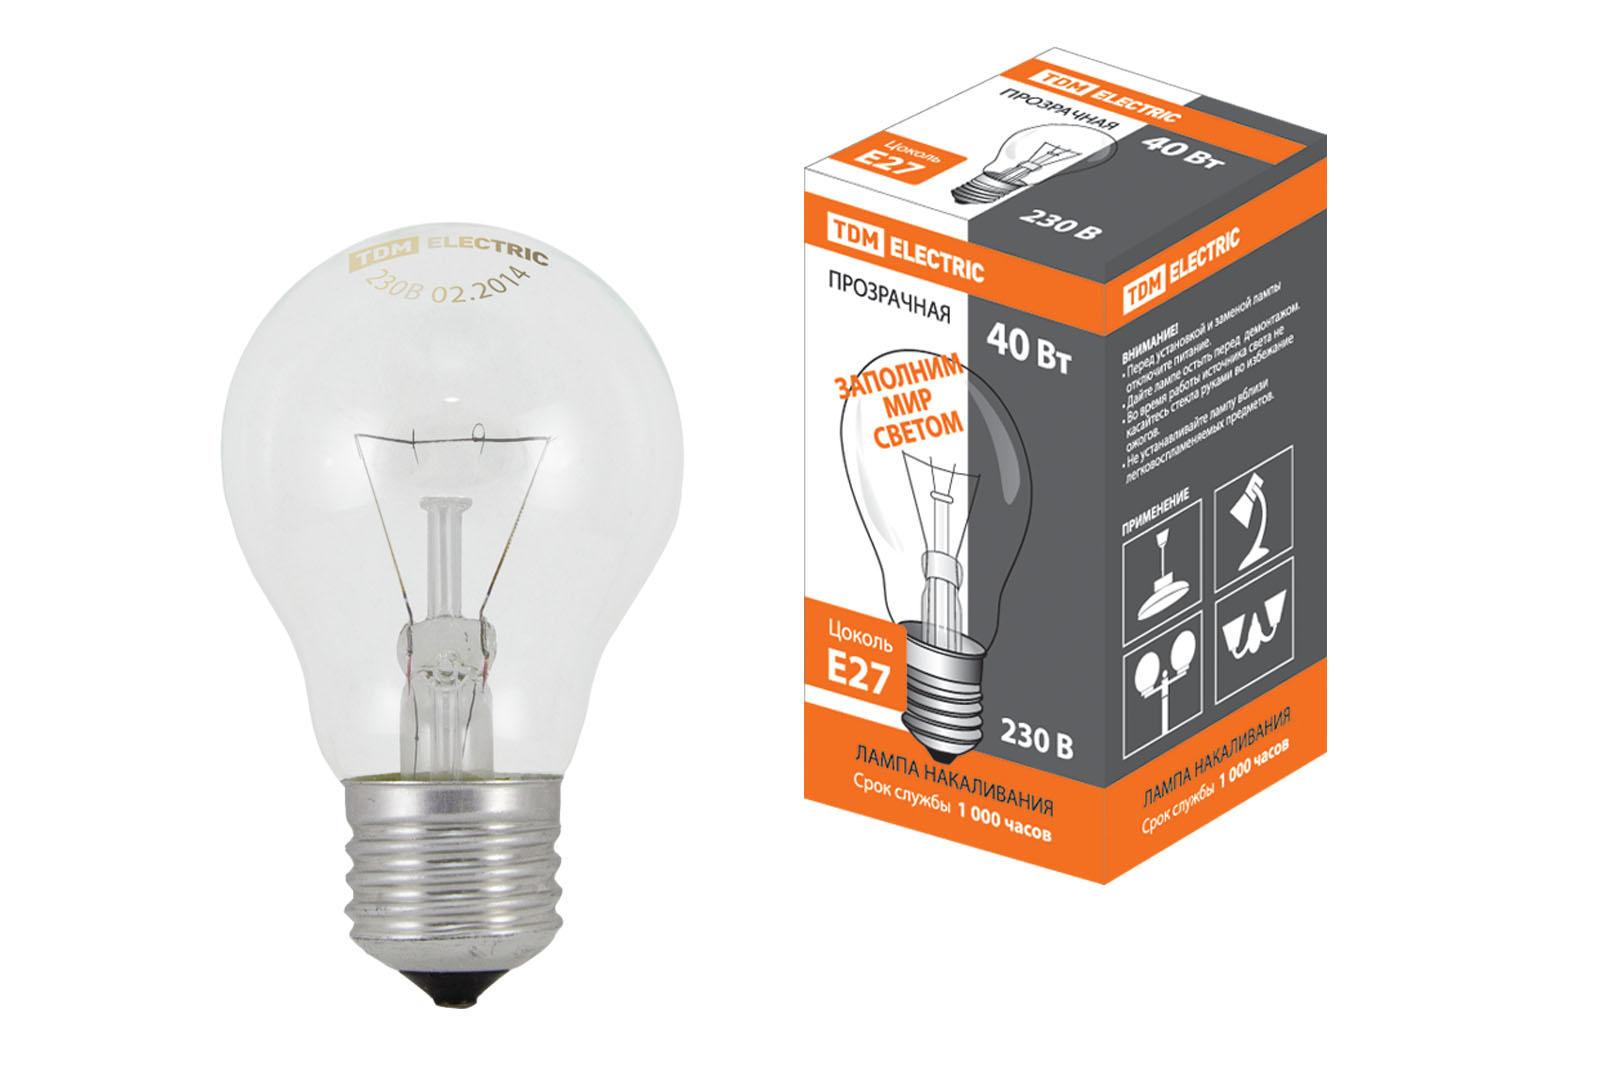 Лампа накаливания Tdm Sq0332-0035 лампа накаливания рефлекторная е27 100w груша инфракрасная 82966